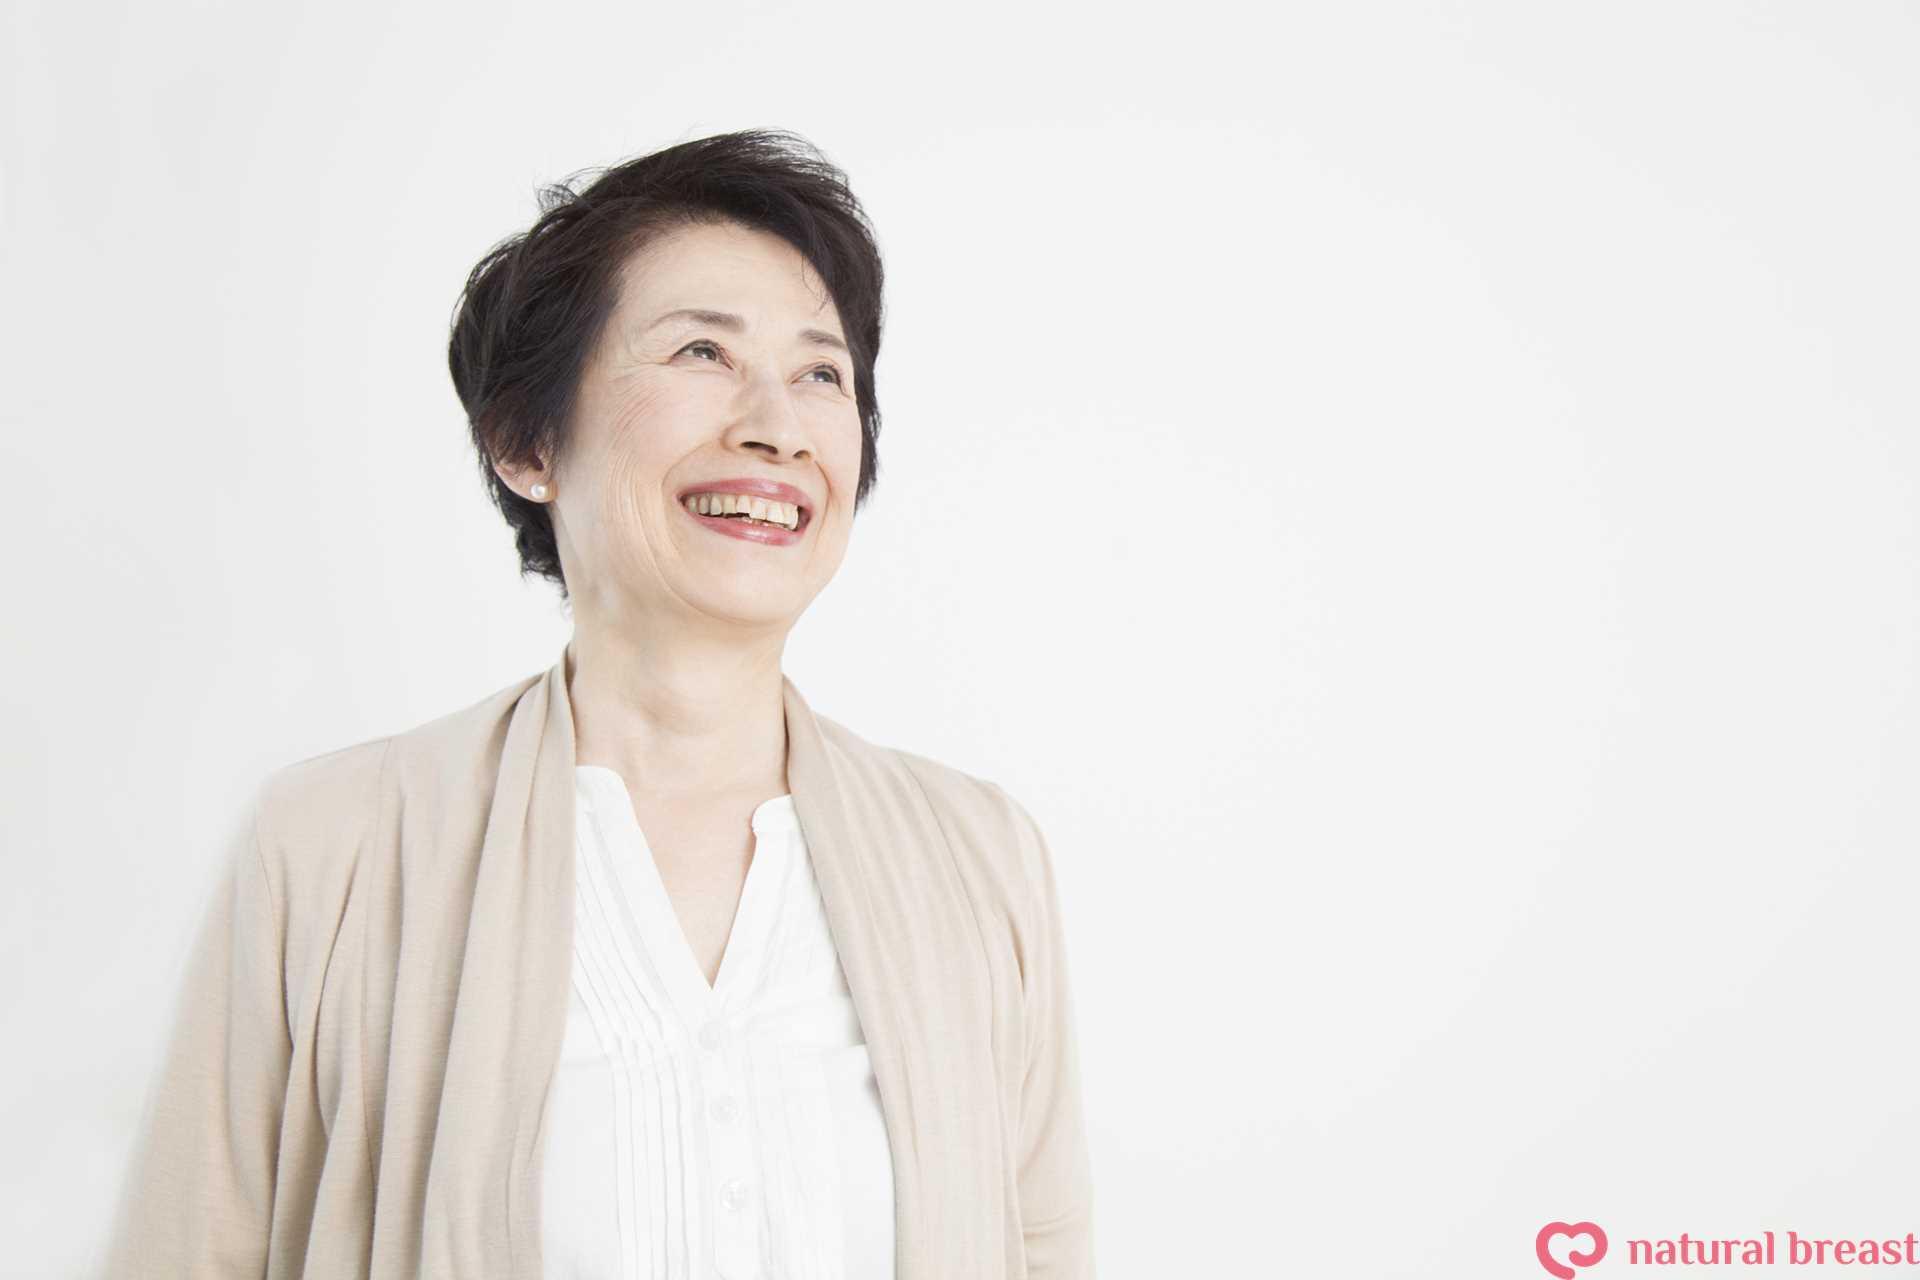 【相談】セミオーダーメイド人工乳房が自分の手術痕に適合するのかわからないのですが事前にわかりますか?